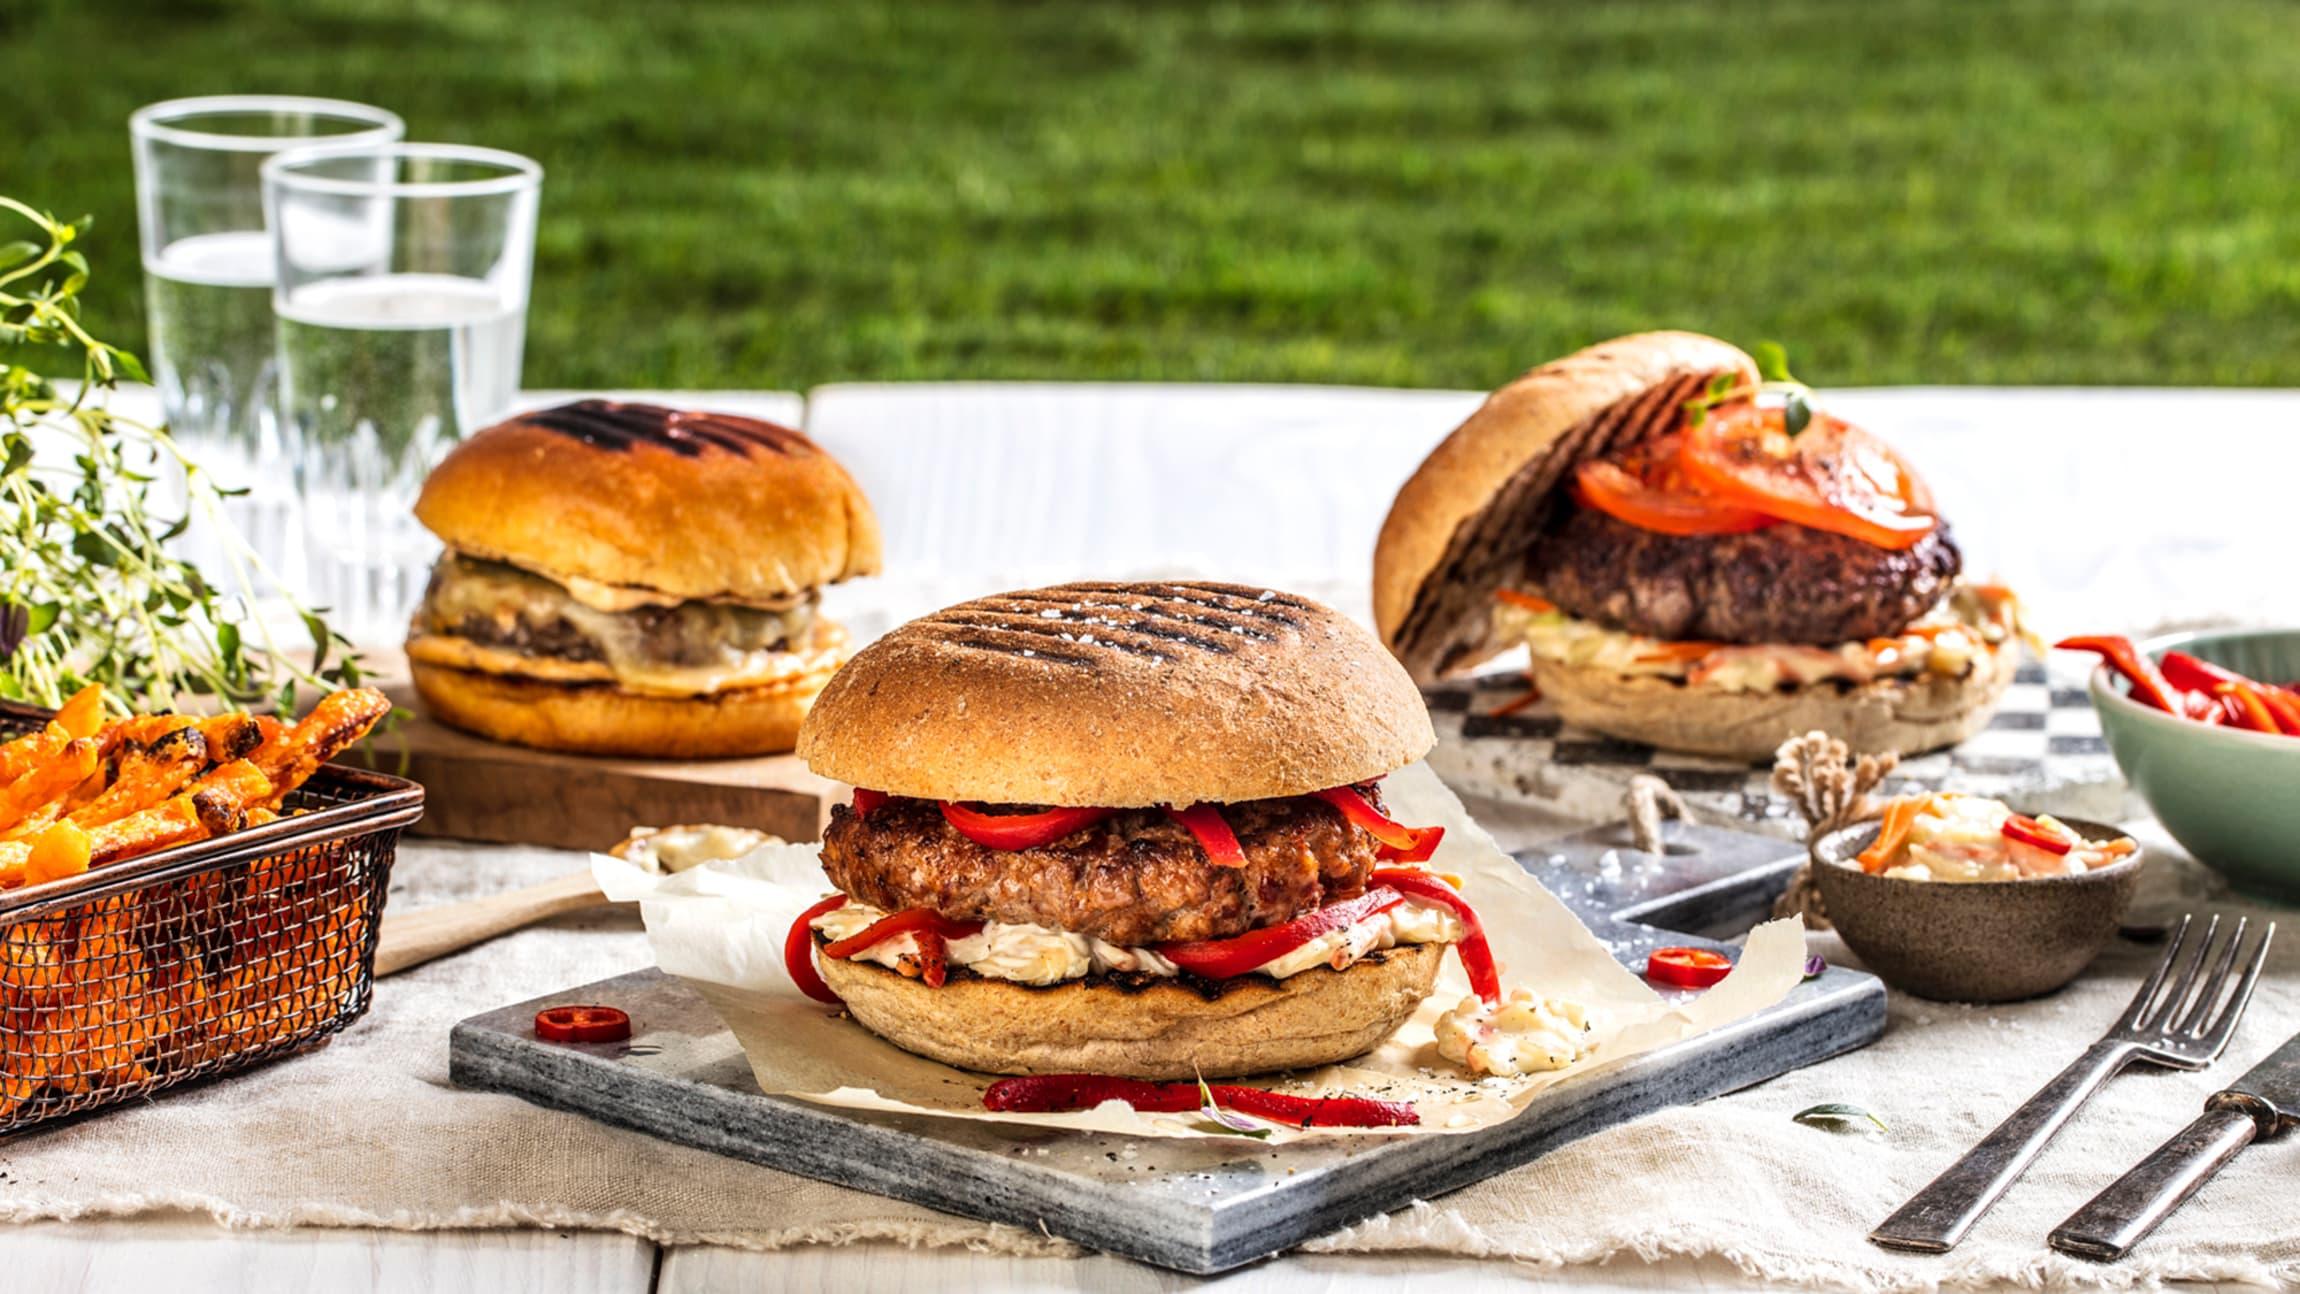 Å lage verdens beste burger handler om å finne den kombinasjonen av salt, søtt og syrlig som du liker best.